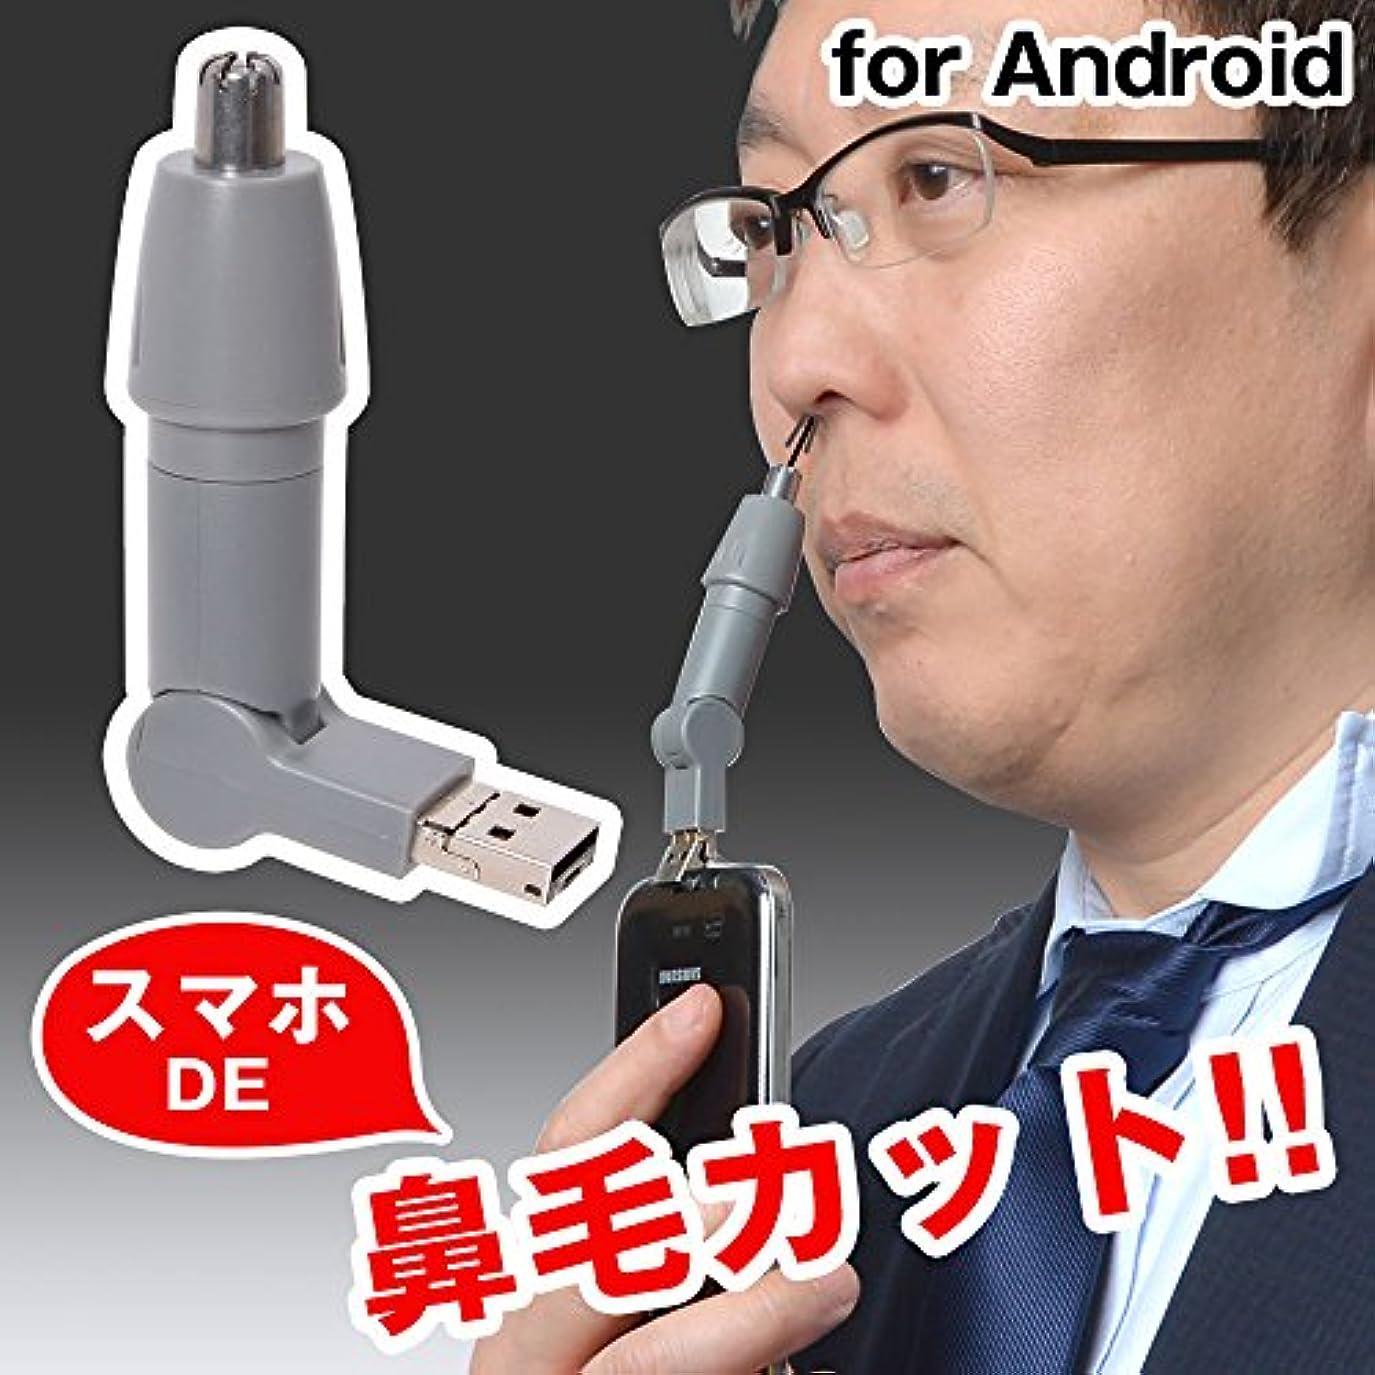 悪化する世界落胆するスマホde鼻毛カッター ※日本語マニュアル付き サンコーレアモノショップ (for Android)